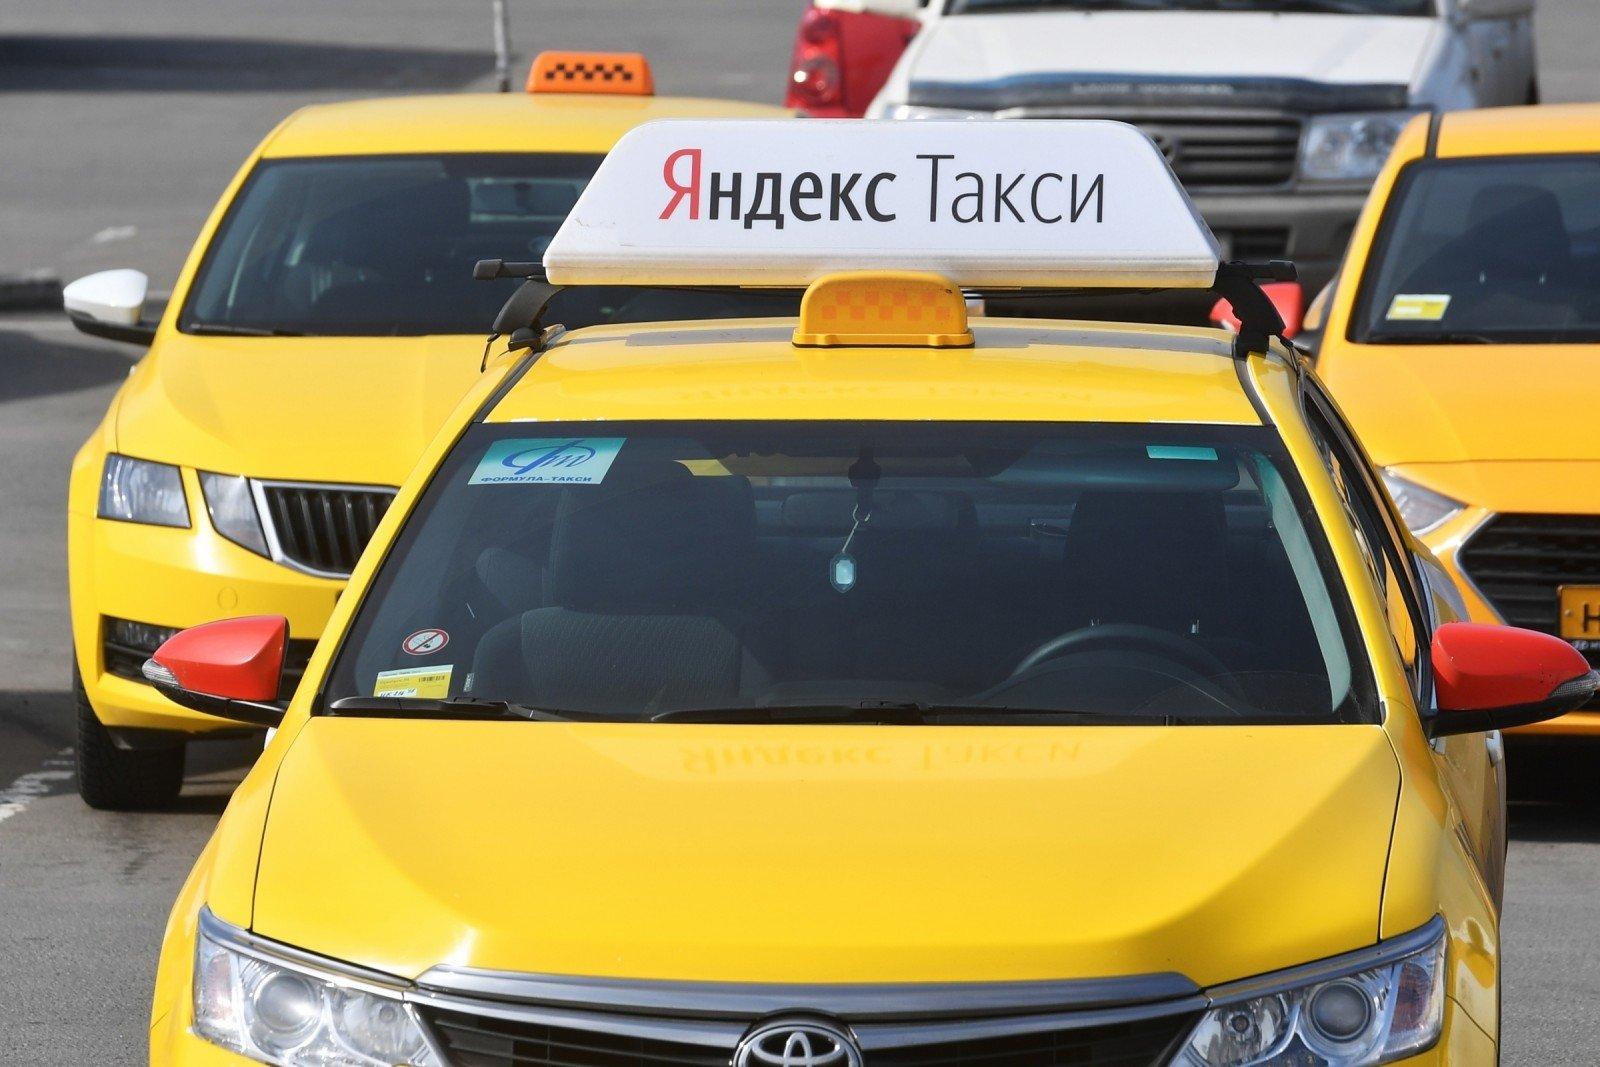 Власти Литвы рекомендовали непользоваться Yandex.Taxi из-за риска сбора данных